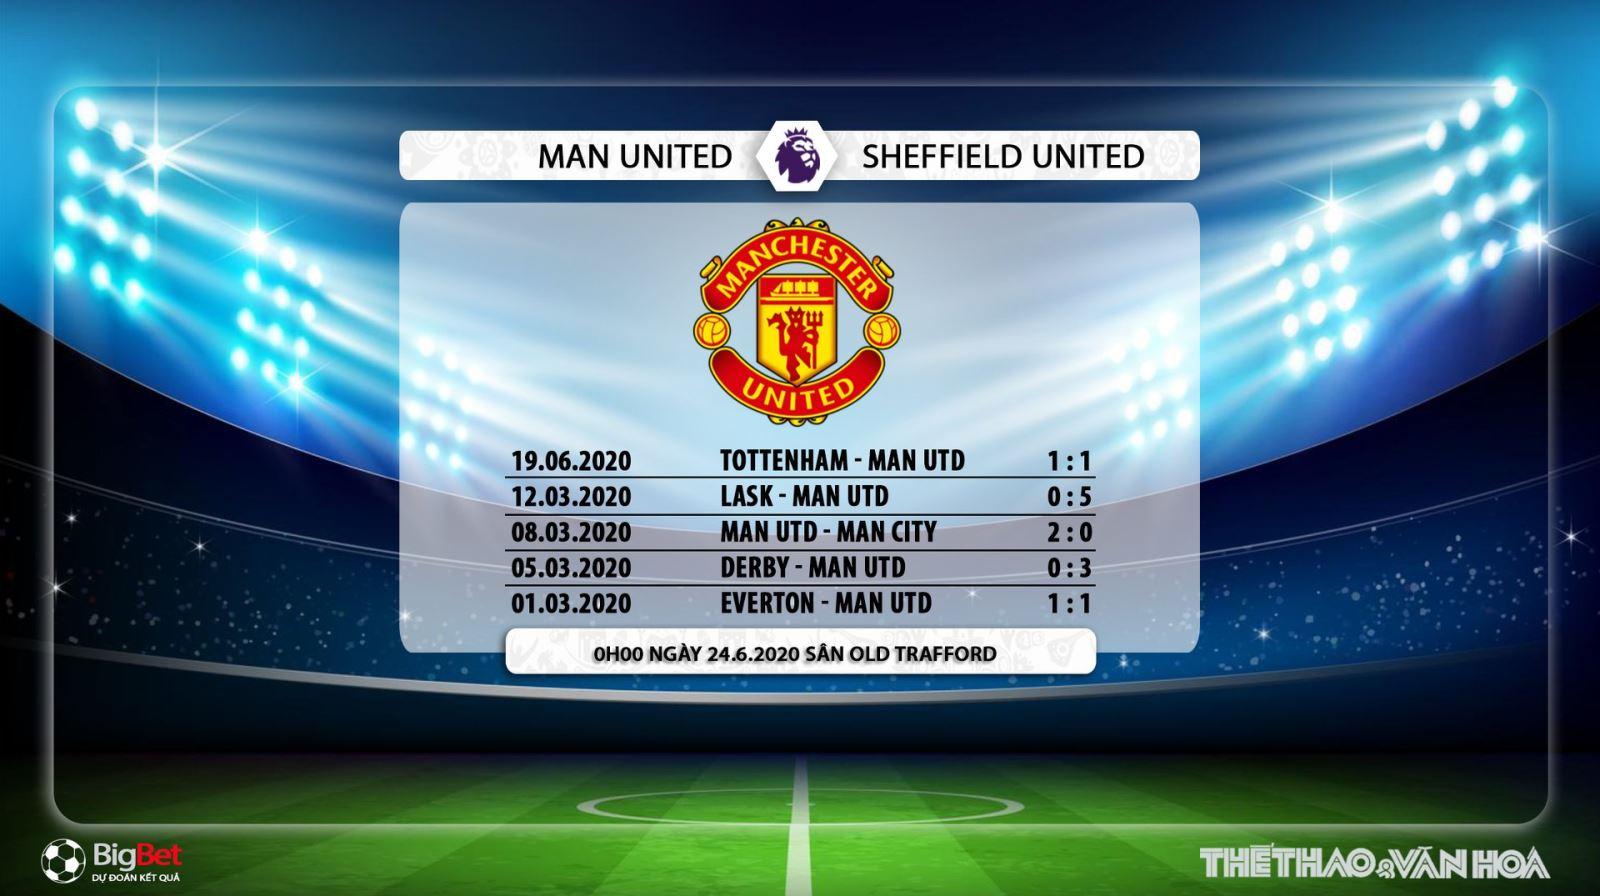 bóng đá, bong da,  MU vs Sheffield Utd, trực tiếp bóng đá  MU vs Sheffield Utd, lịch thi đấu, bóng đá, K+, ngoại hạng anh, soi kèo, kèo bóng đá